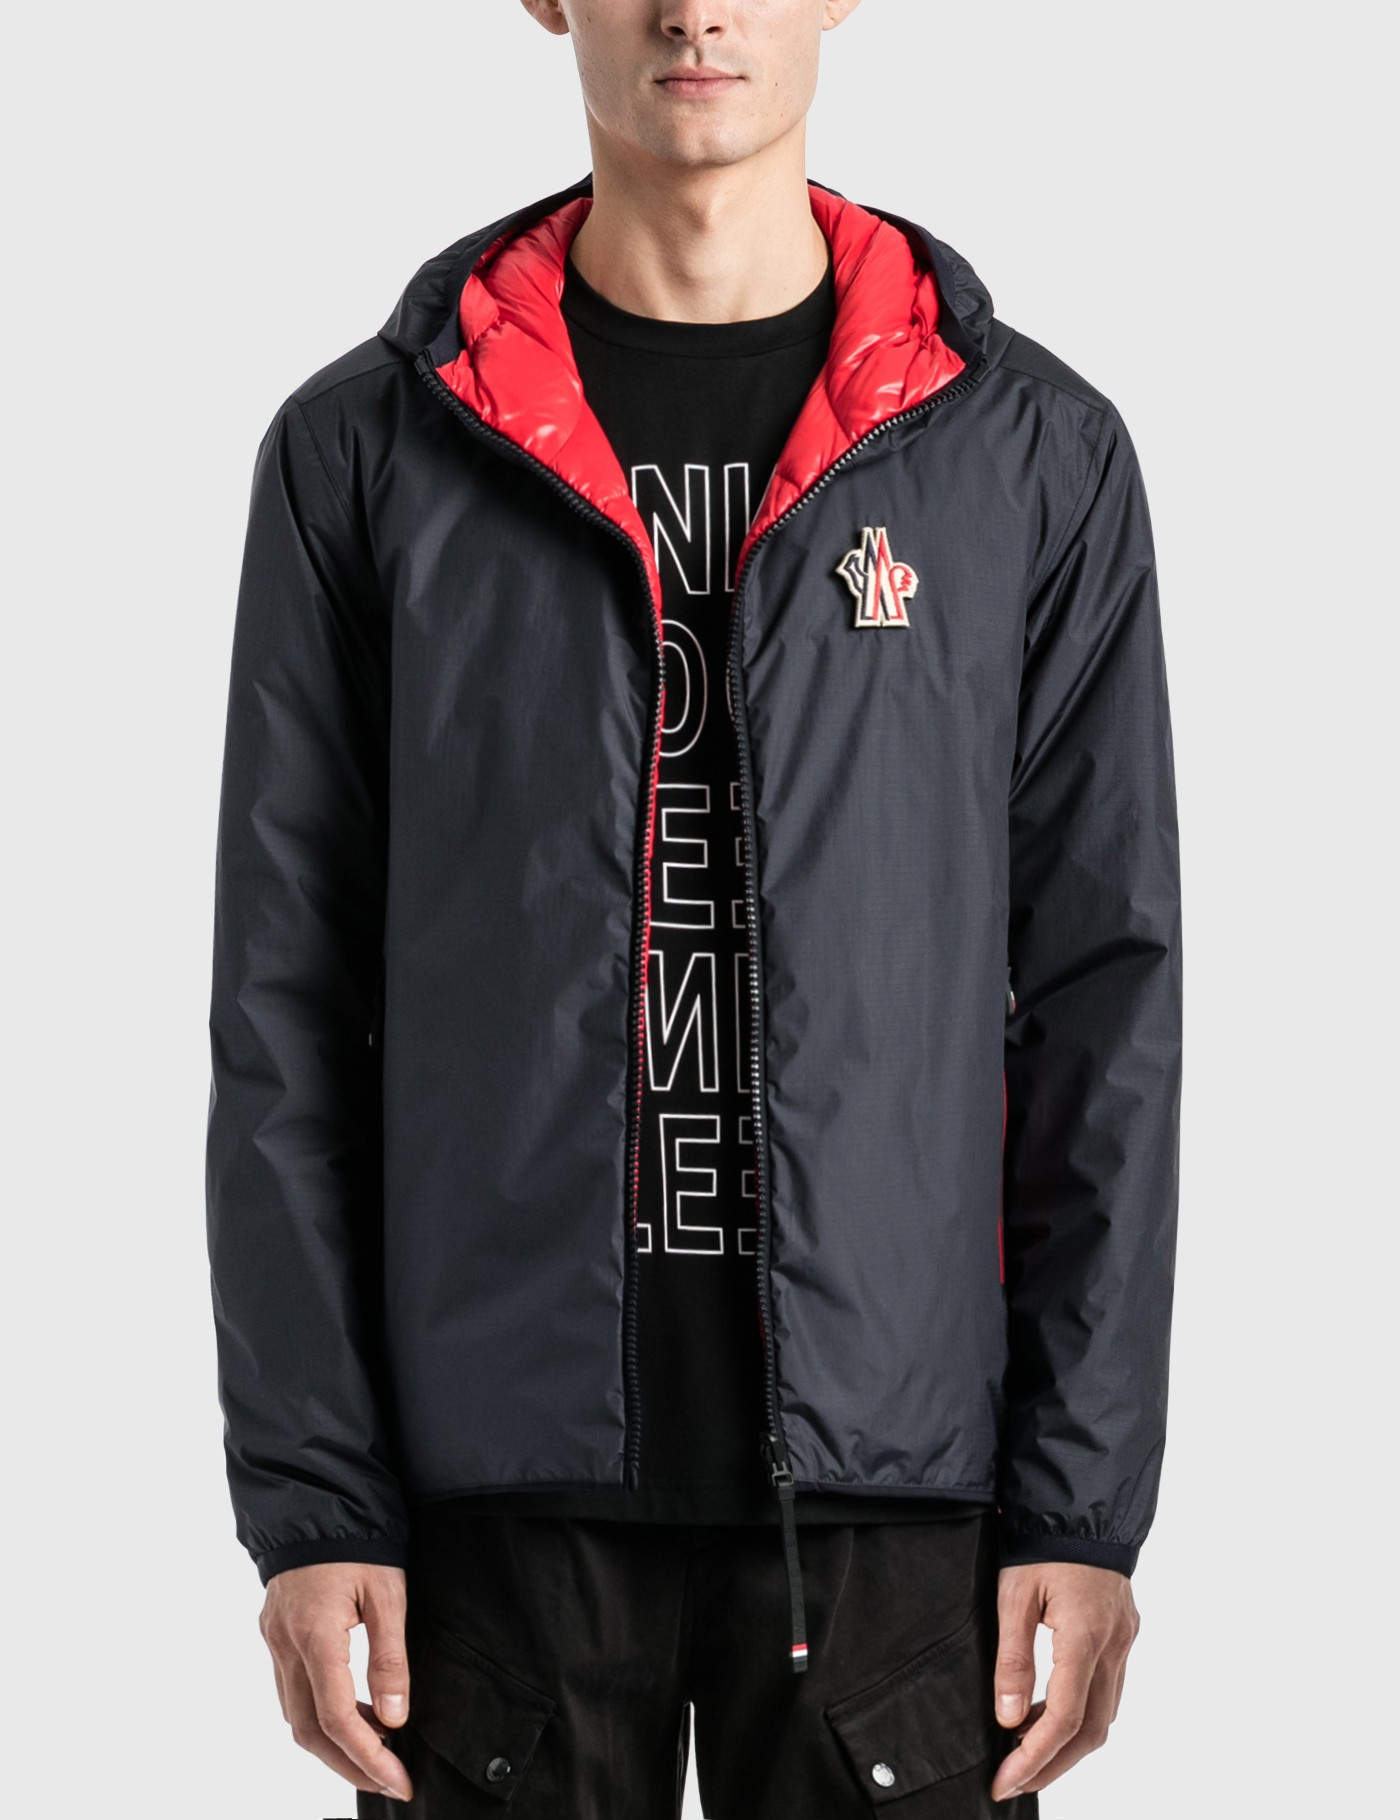 몽클레어 맨 자켓 Moncler Grenoble Chambave Jacket